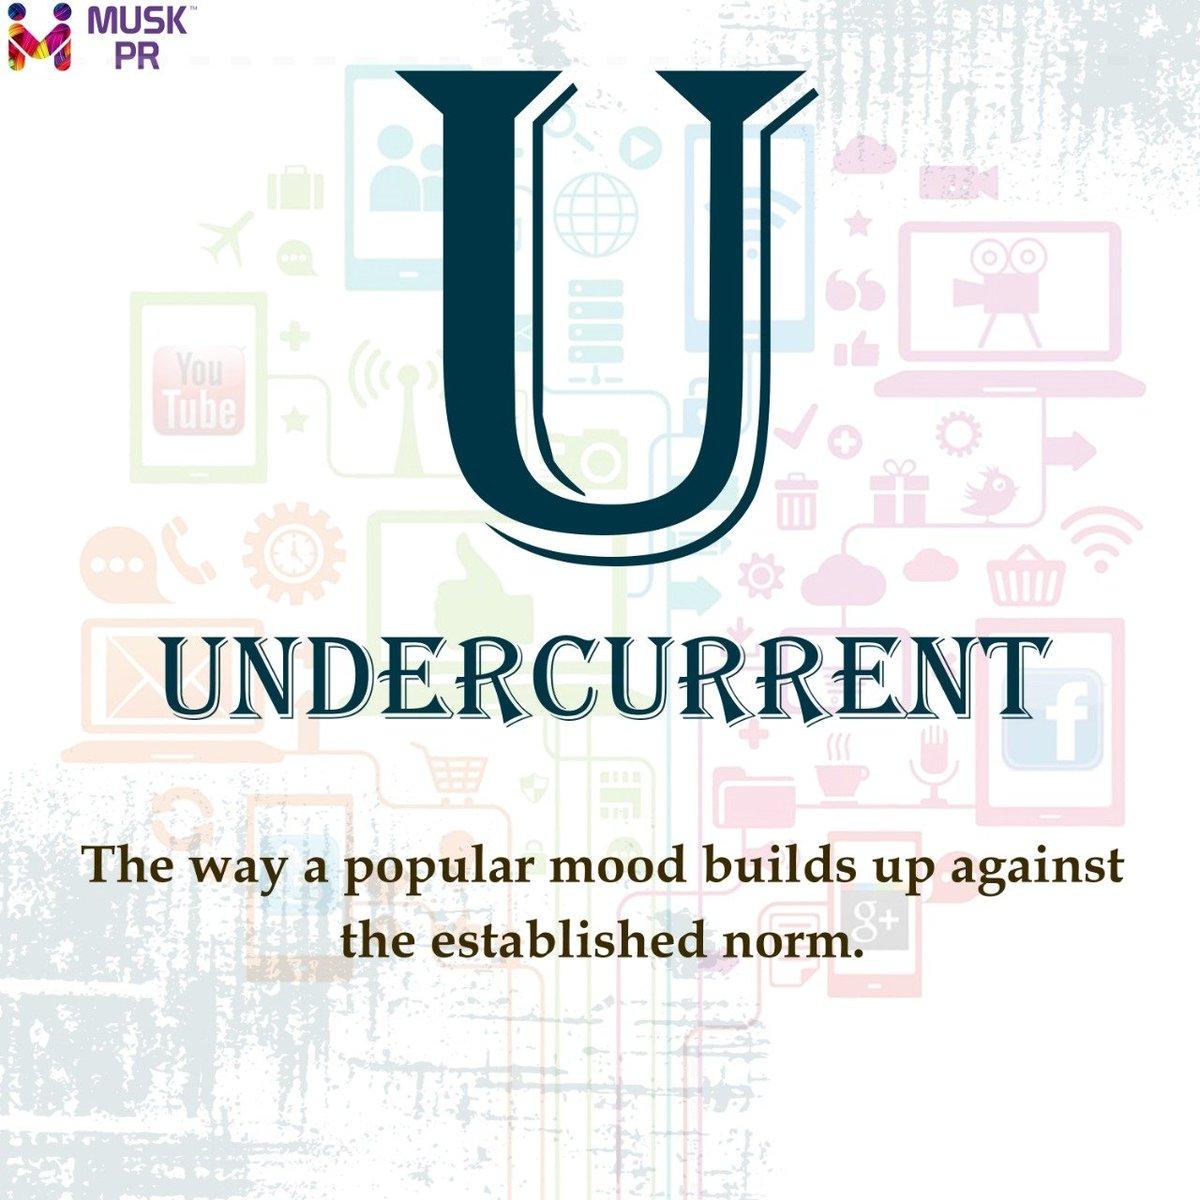 U for Undercurrent  #muskpublicrelations #Jaipur #AtoZpic.twitter.com/M7CaDIjuIV